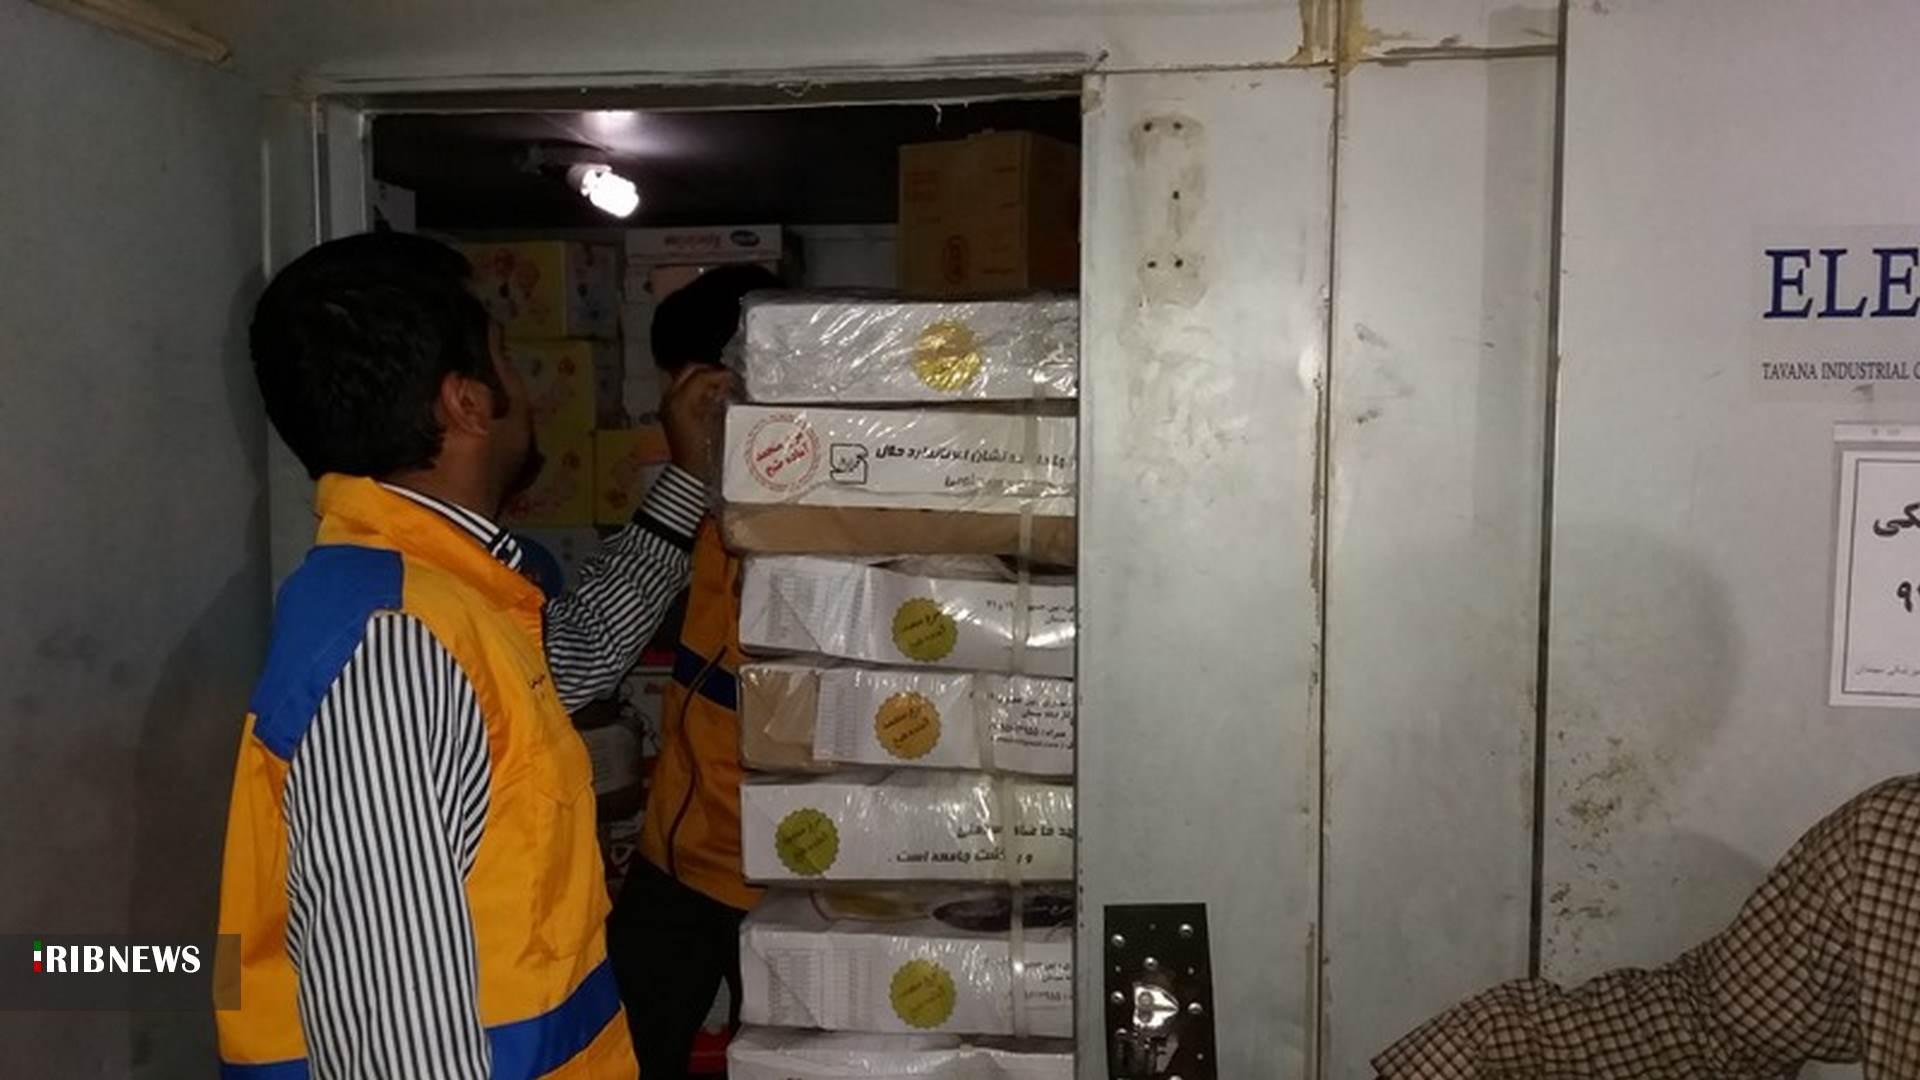 معدوم کردن ۷۴۱ کیلوگرم آلایش خوراکی مرغ در شهرستان بیرجند